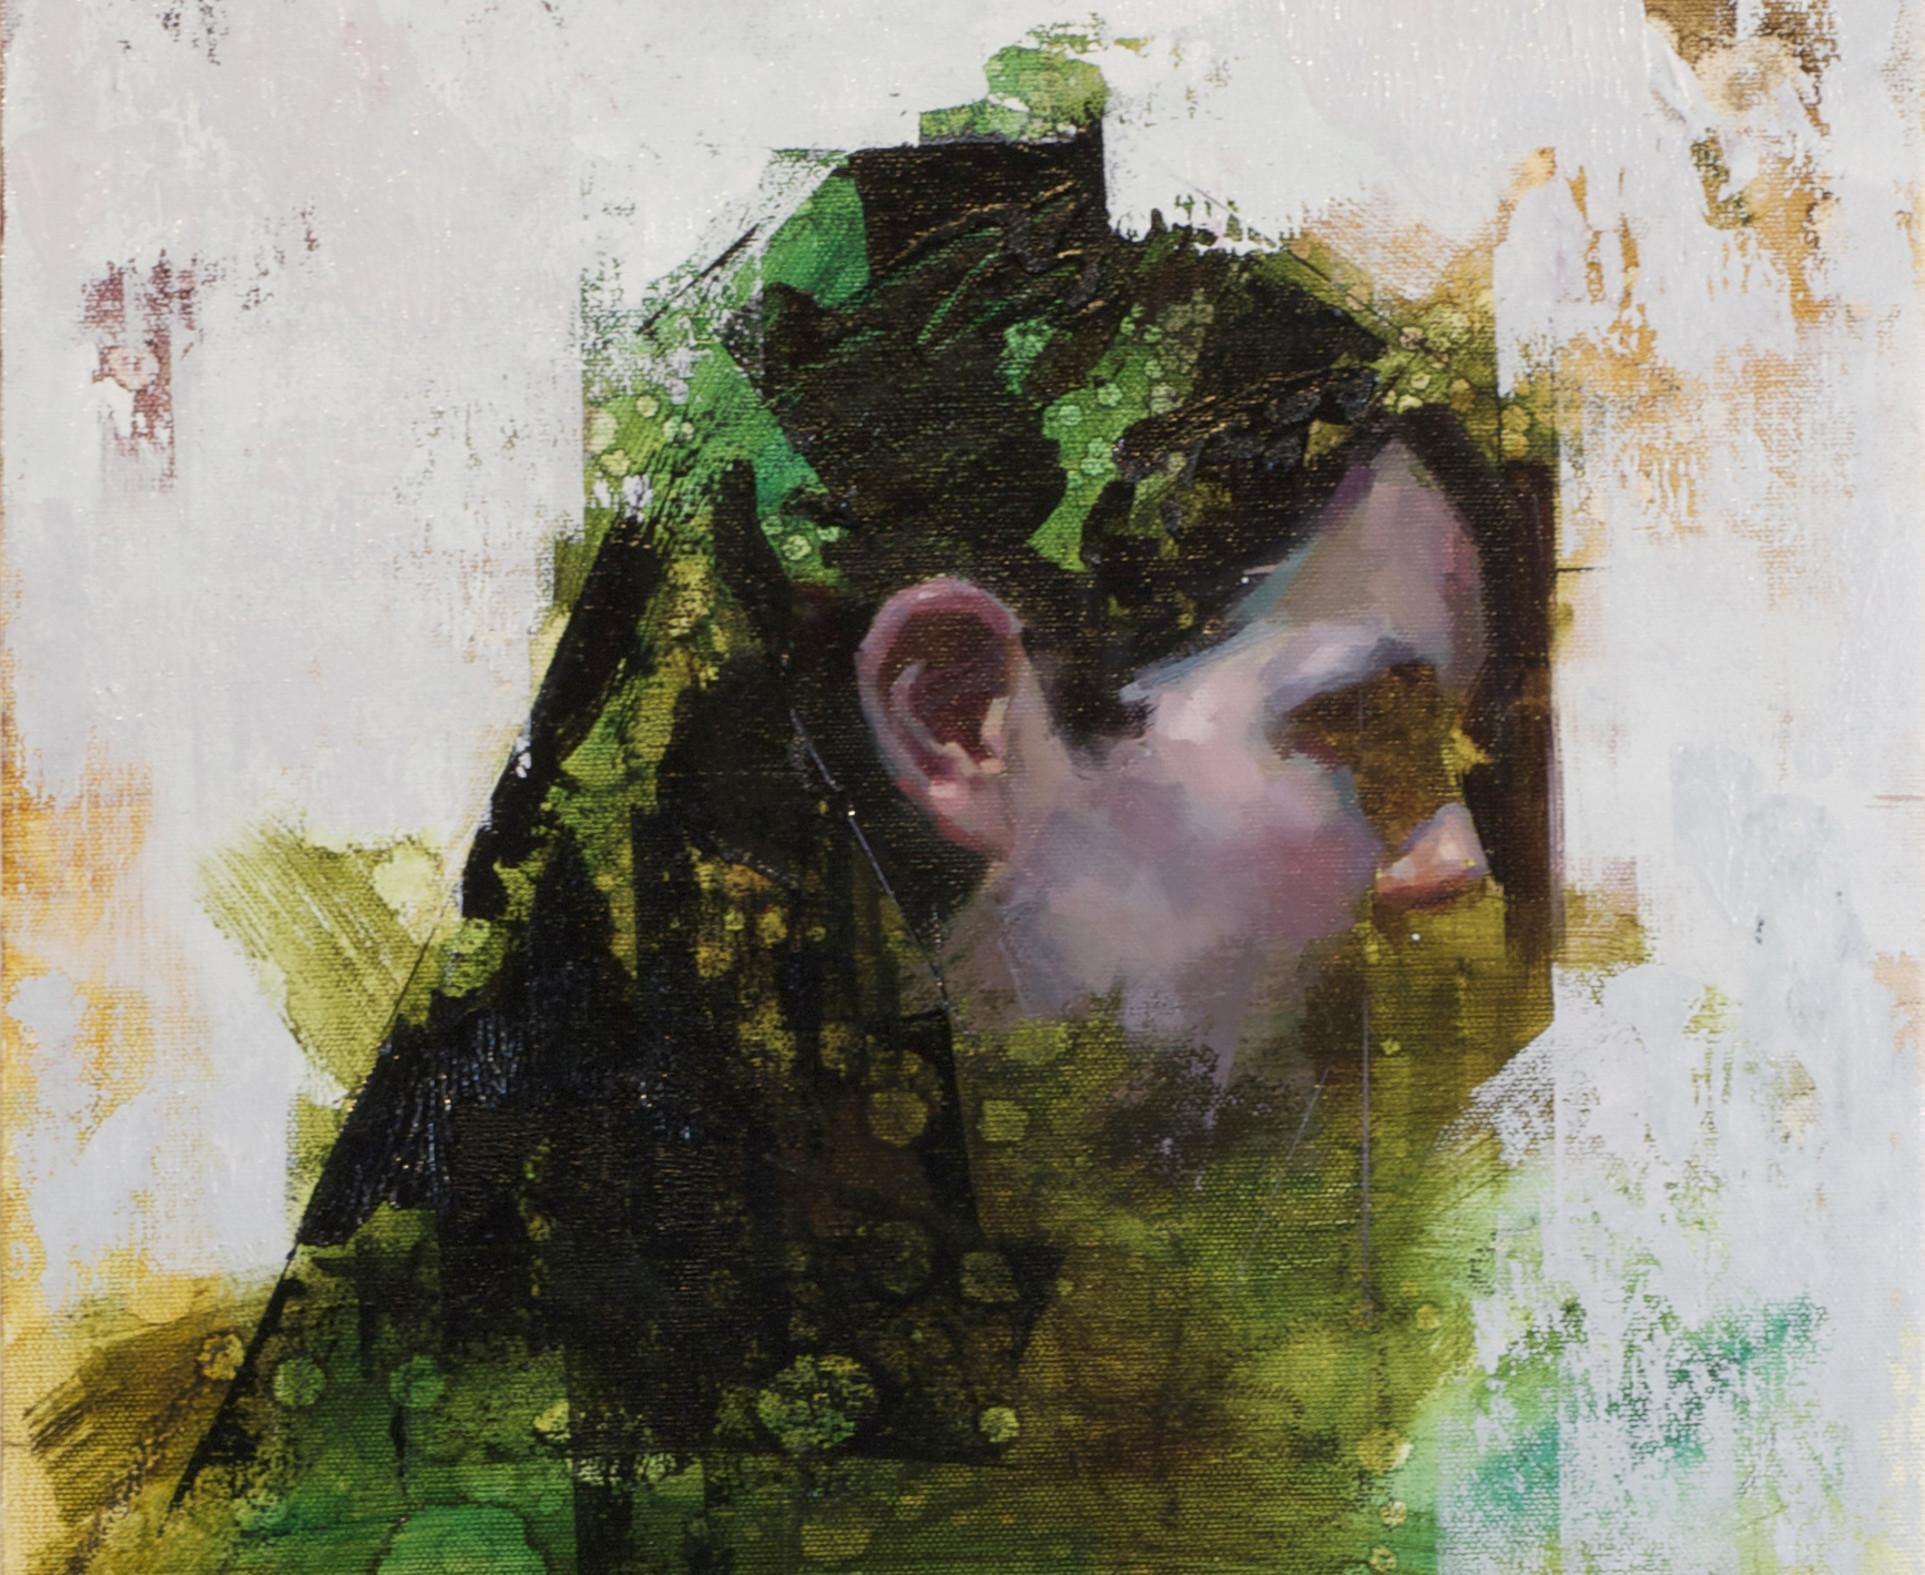 John Wentz, Imprint No. 3, 2015